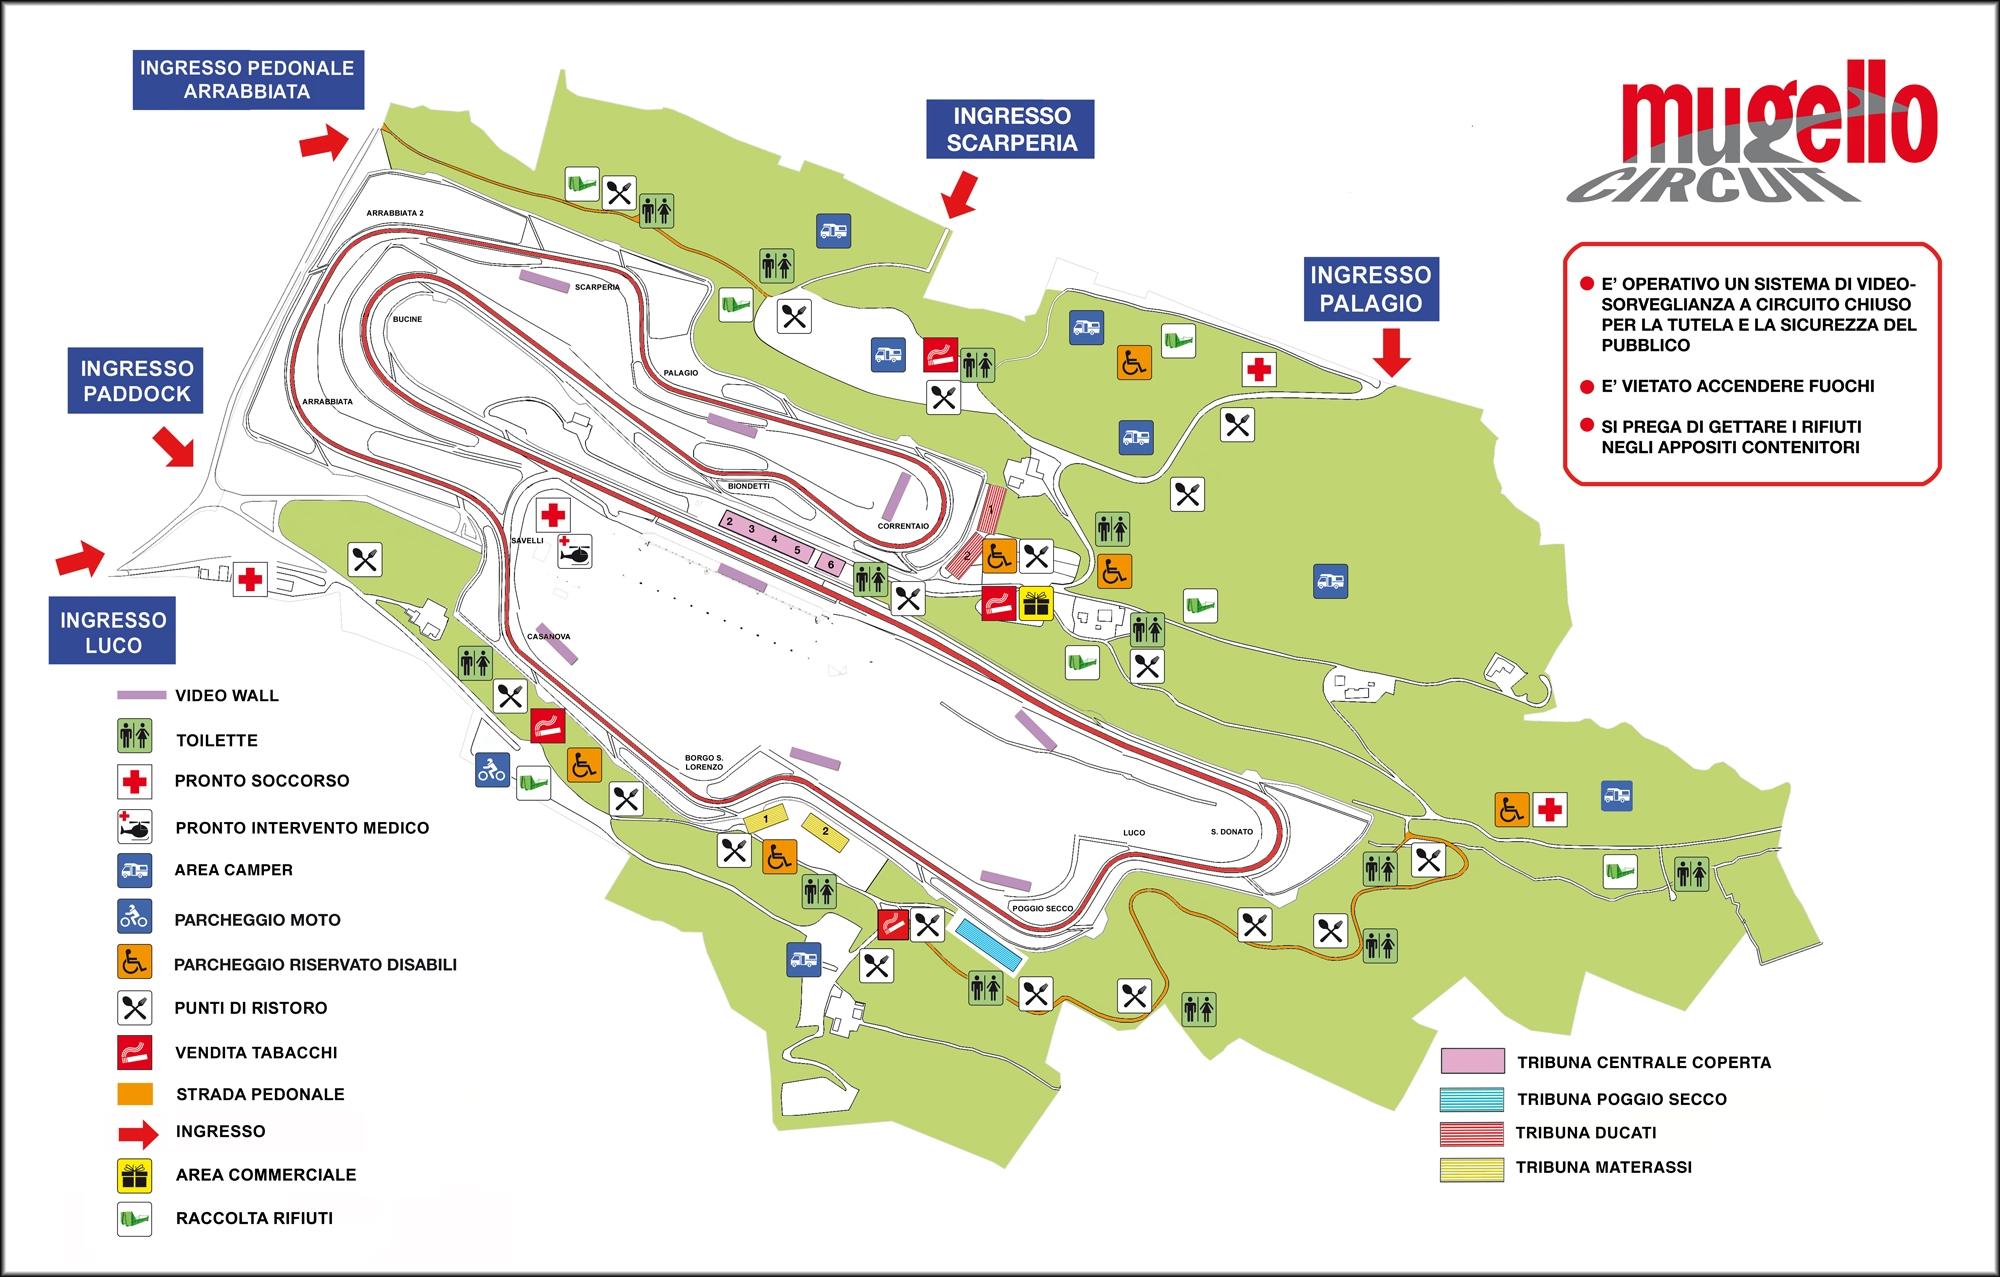 La mappa del Mugello Circuit